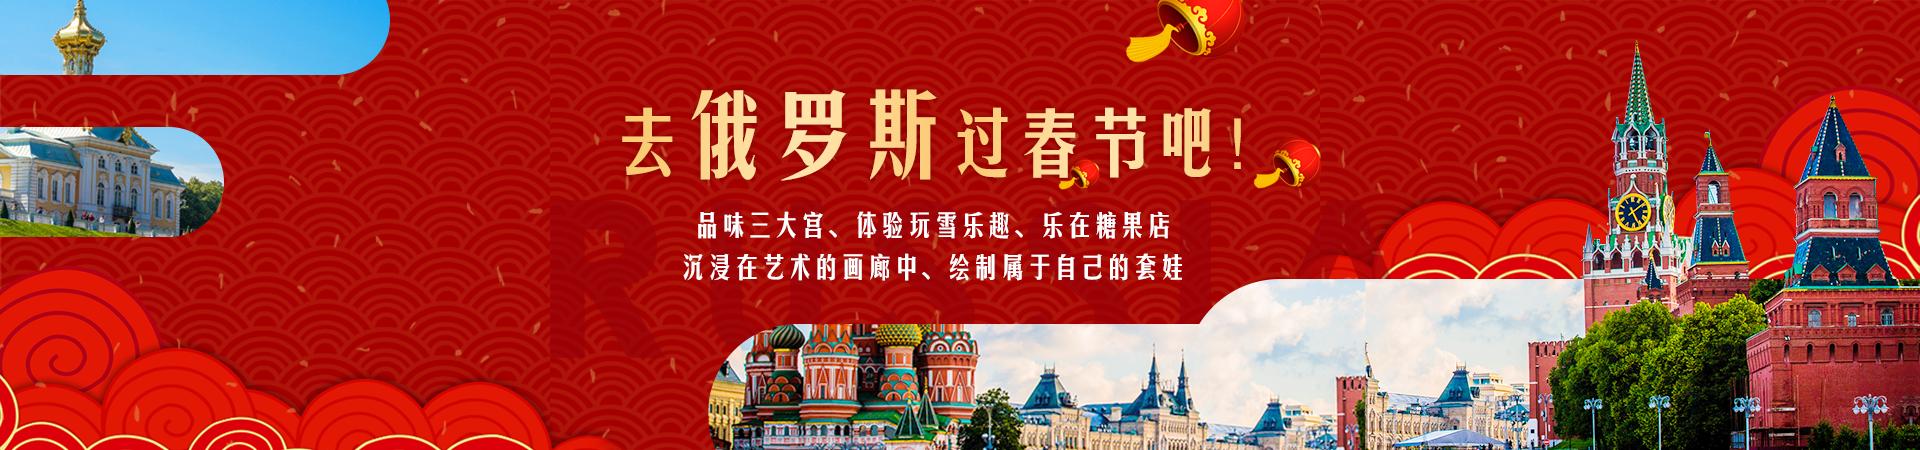 俄罗斯过春节